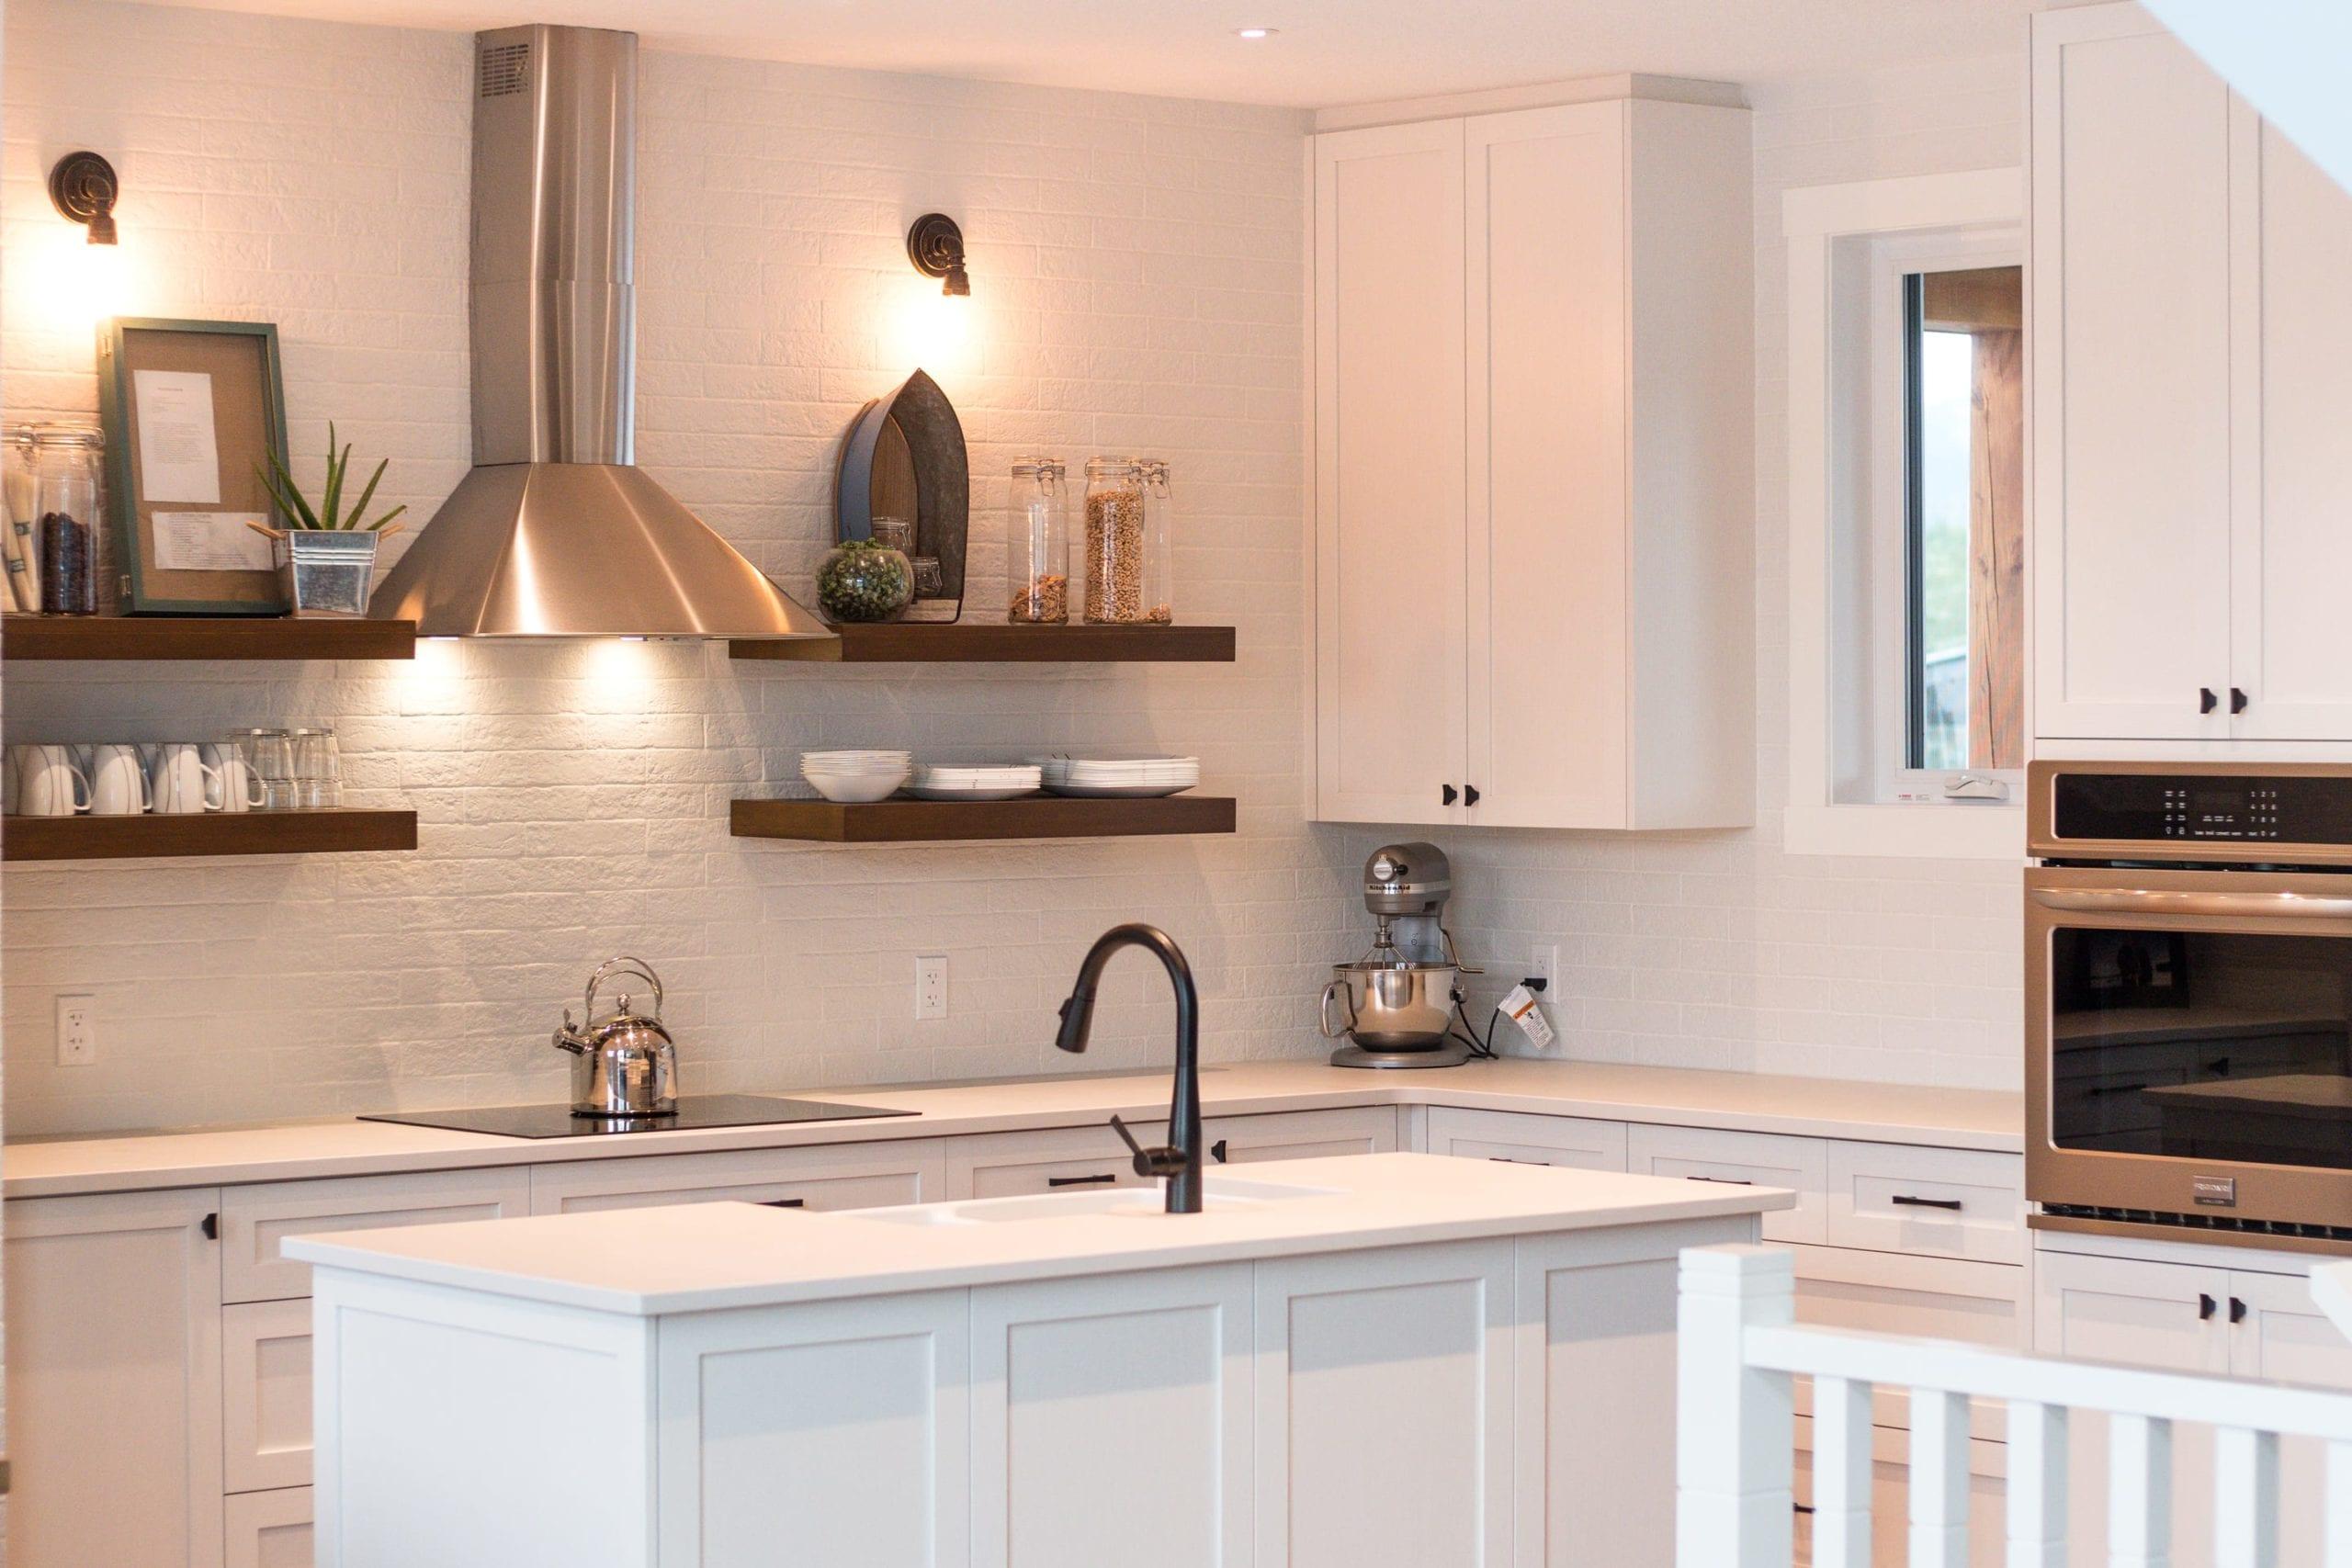 Hello Gorgeous - 302 Cottage Club Way - Tara Molina Real Estate (11 of 43)